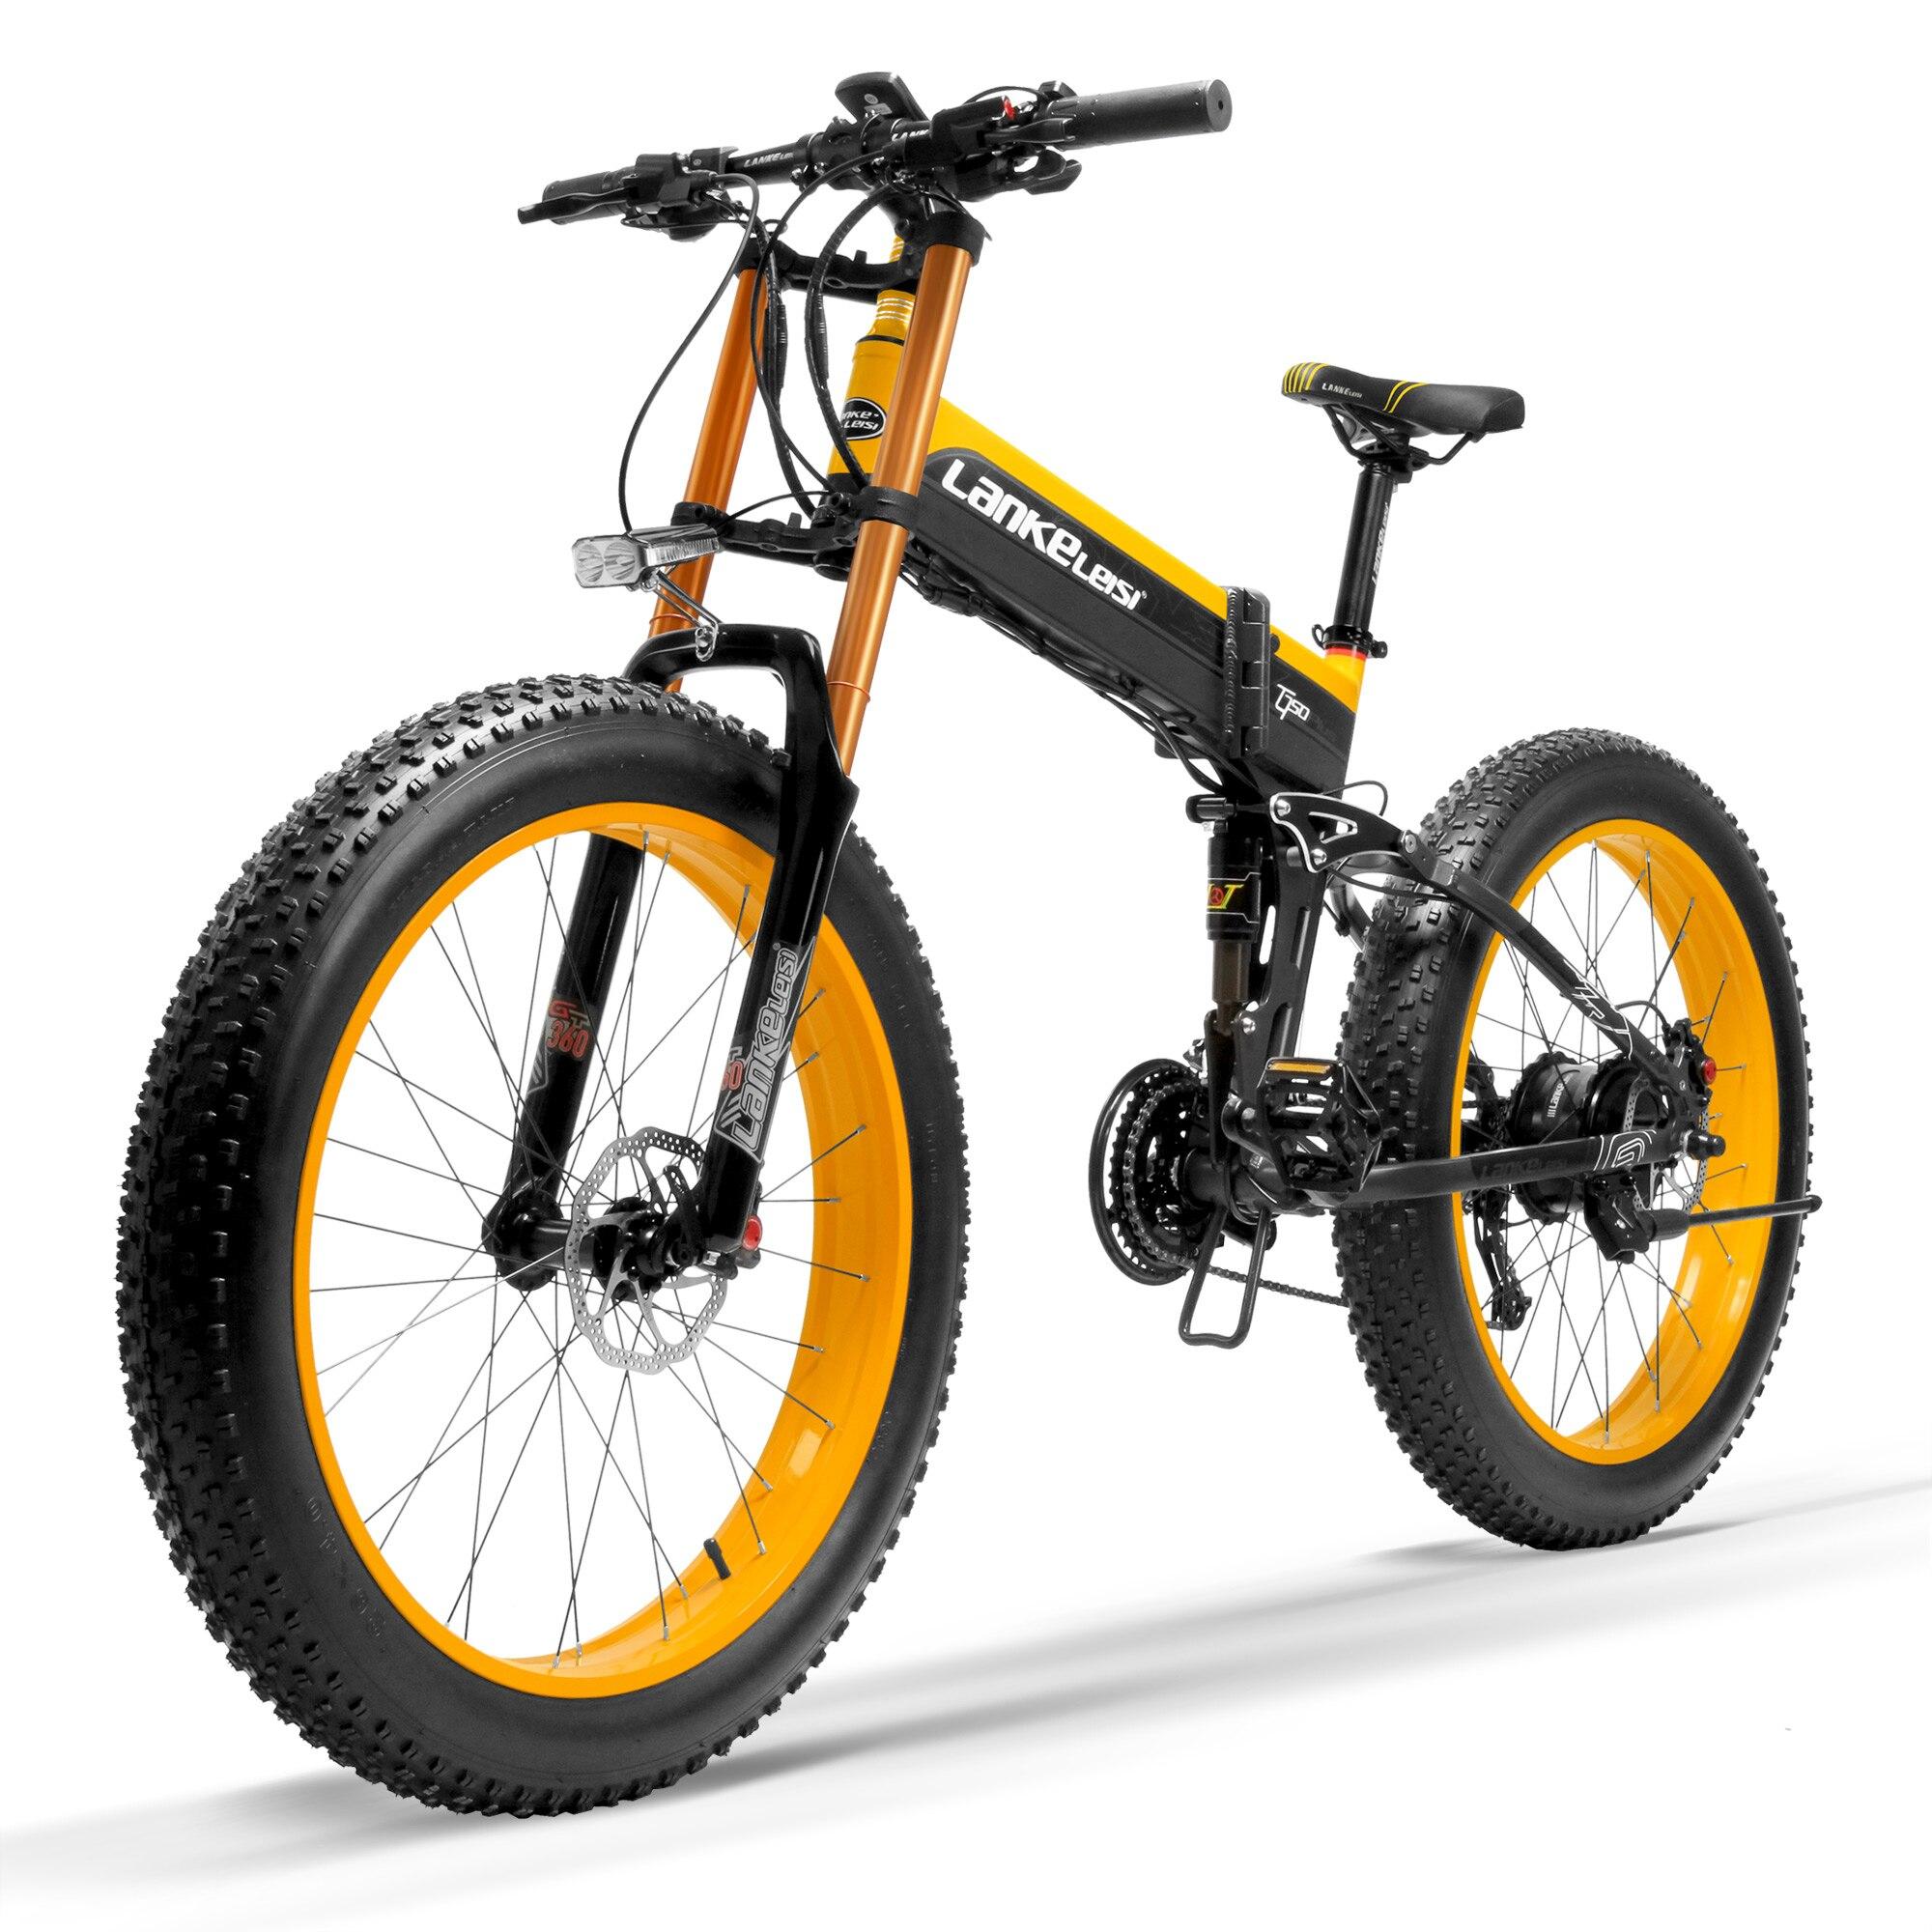 T750Plus Nouveau 27 Vitesse Ebike Graisse Vélo, 1000 W 48 V 14.5Ah Forte Puissance, 5-niveau Pédale Aider Capteur, Descente Fourche Moto Neige